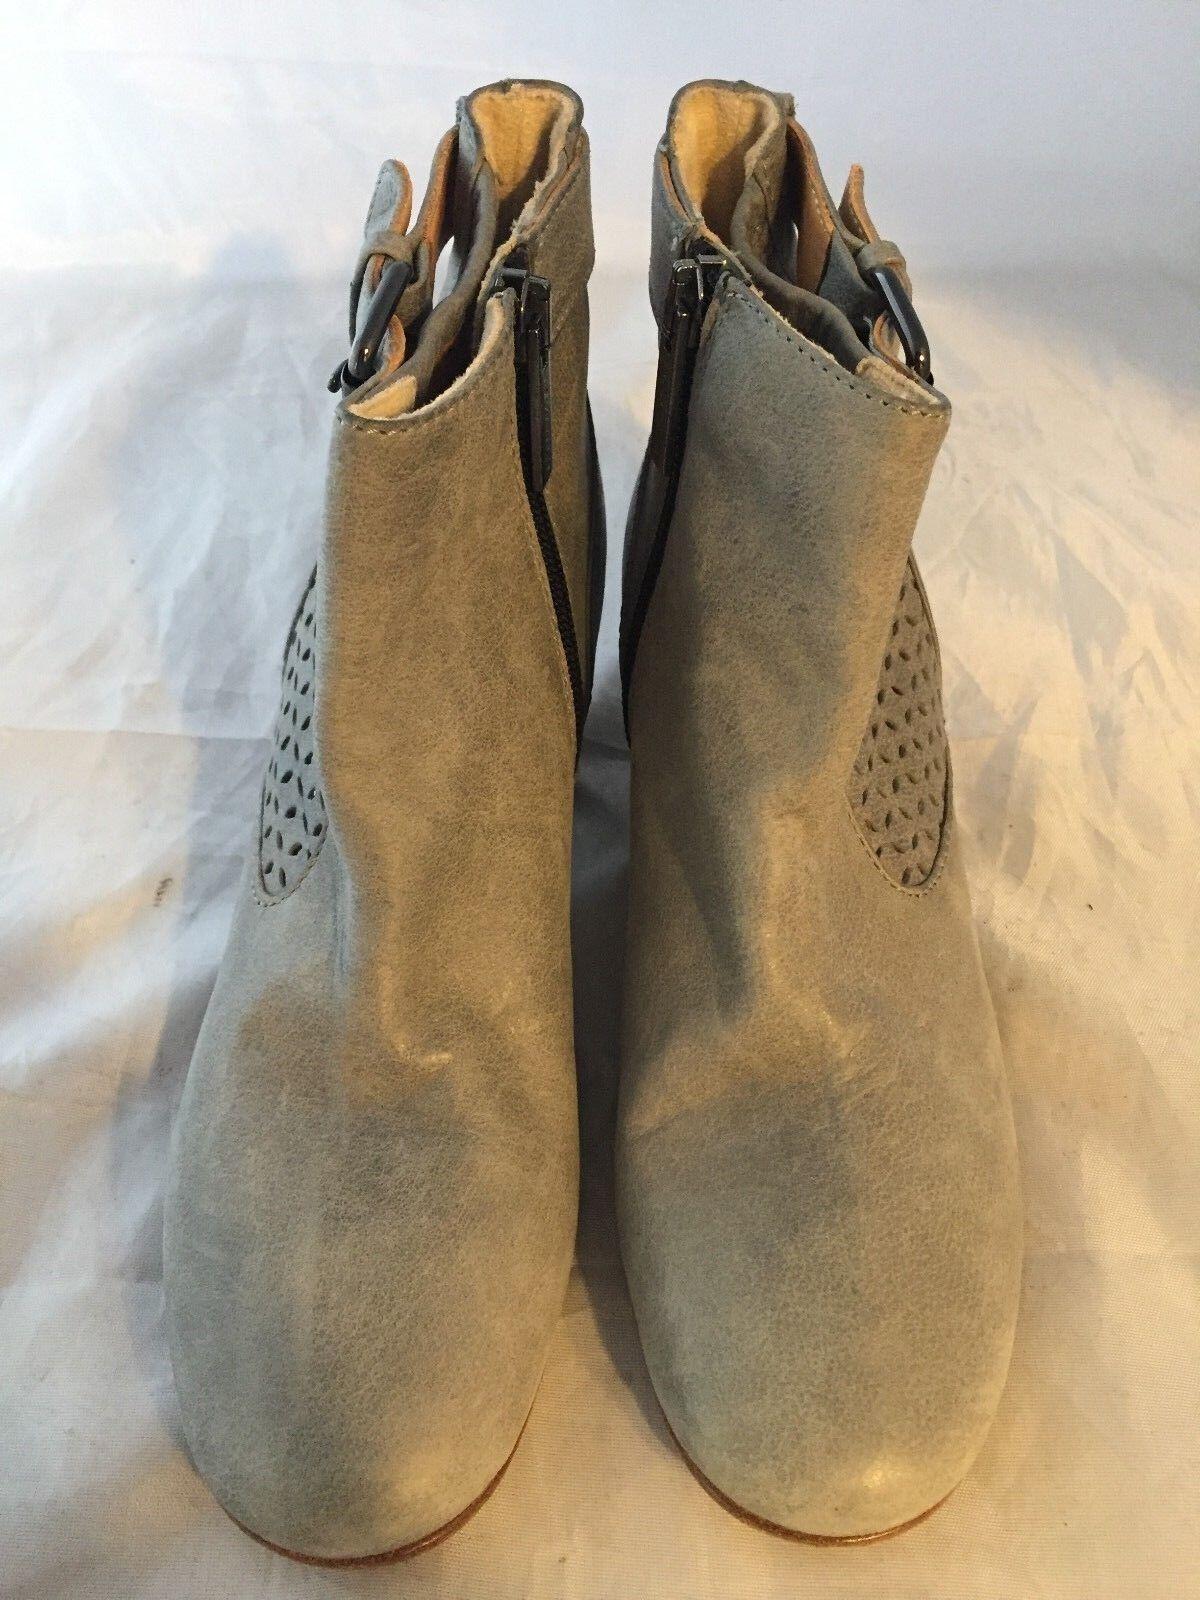 Nuevo corte Aquatalia Francie gris Cuero Bota al tobillo de corte Nuevo láser, De mujer tamaño 5, 450   69cf48